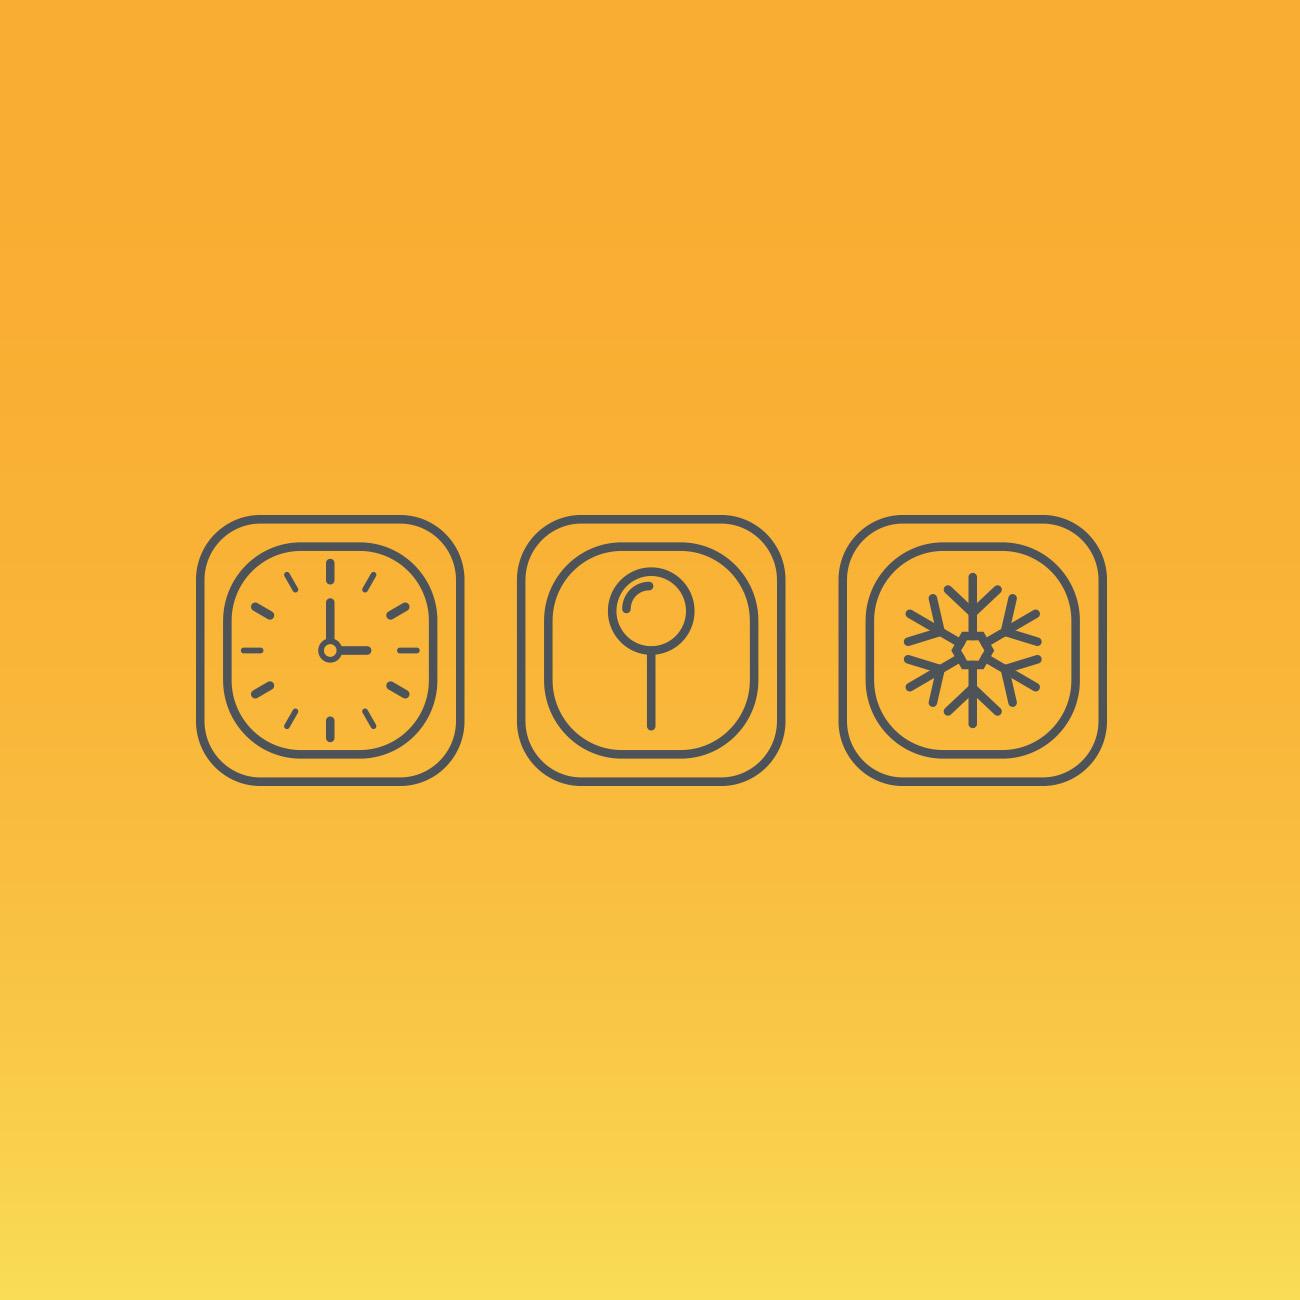 icons_1300_orange